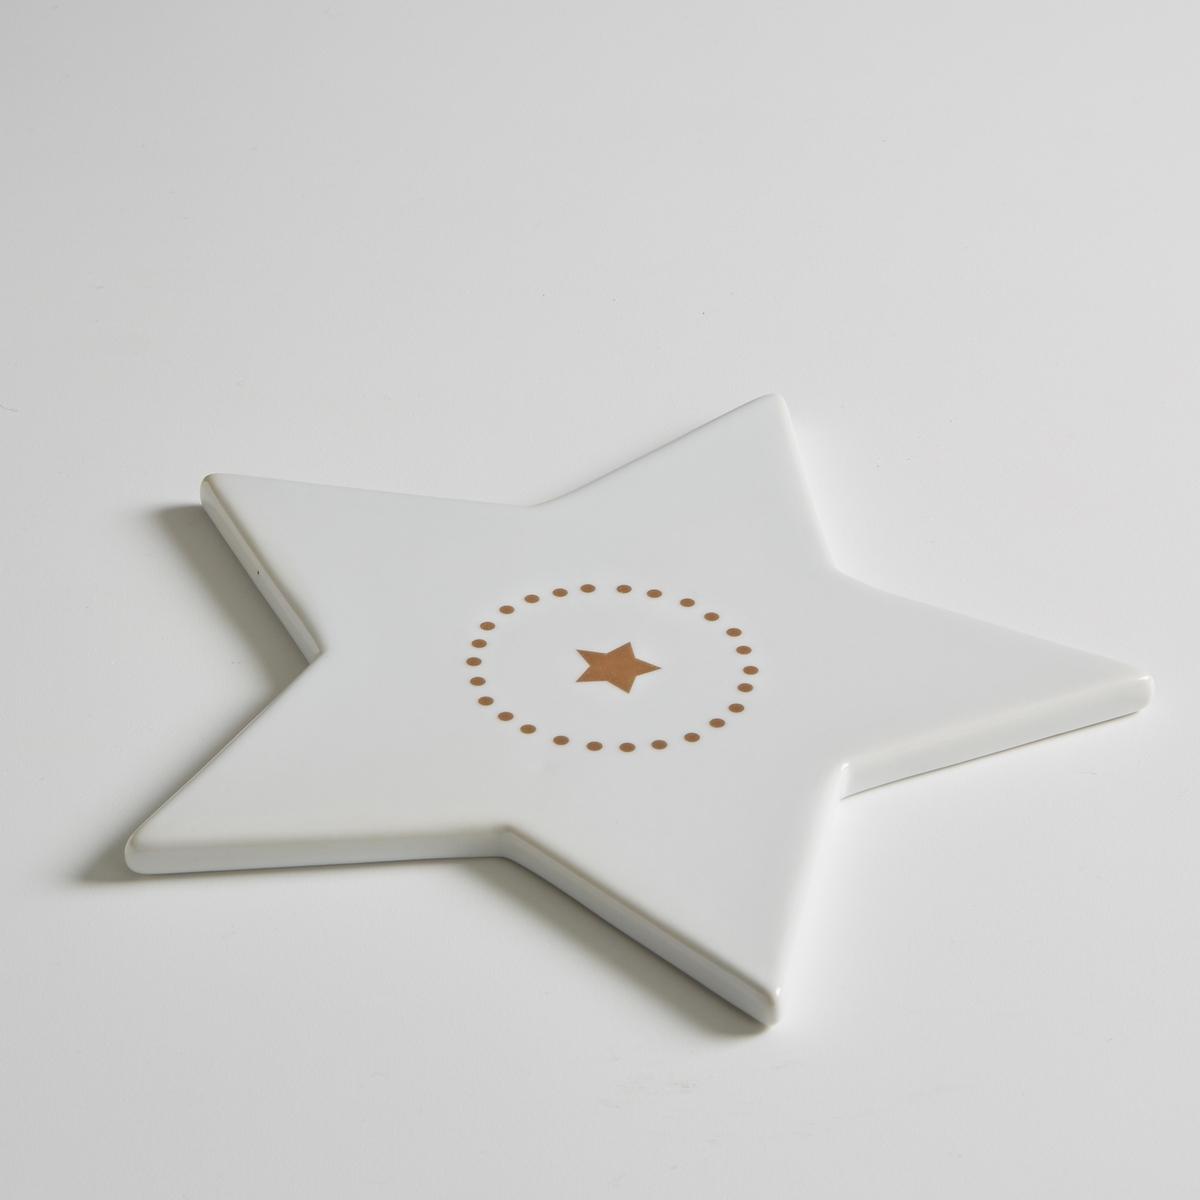 Подставка для блюда в форме звезды из фарфора, KublerХарактеристики подставки для блюда в форме звезды из фарфораKubler :- Подставка для блюда из фарфора в форме звезды  - Размеры : 22 x 22 см- Высота : 1 см.- Использование в посудомоечной машине и микроволновой печи запрещеноНайдите комплект посуды из фарфора Kubler на нашем сайте laredoure.ru.<br><br>Цвет: белый